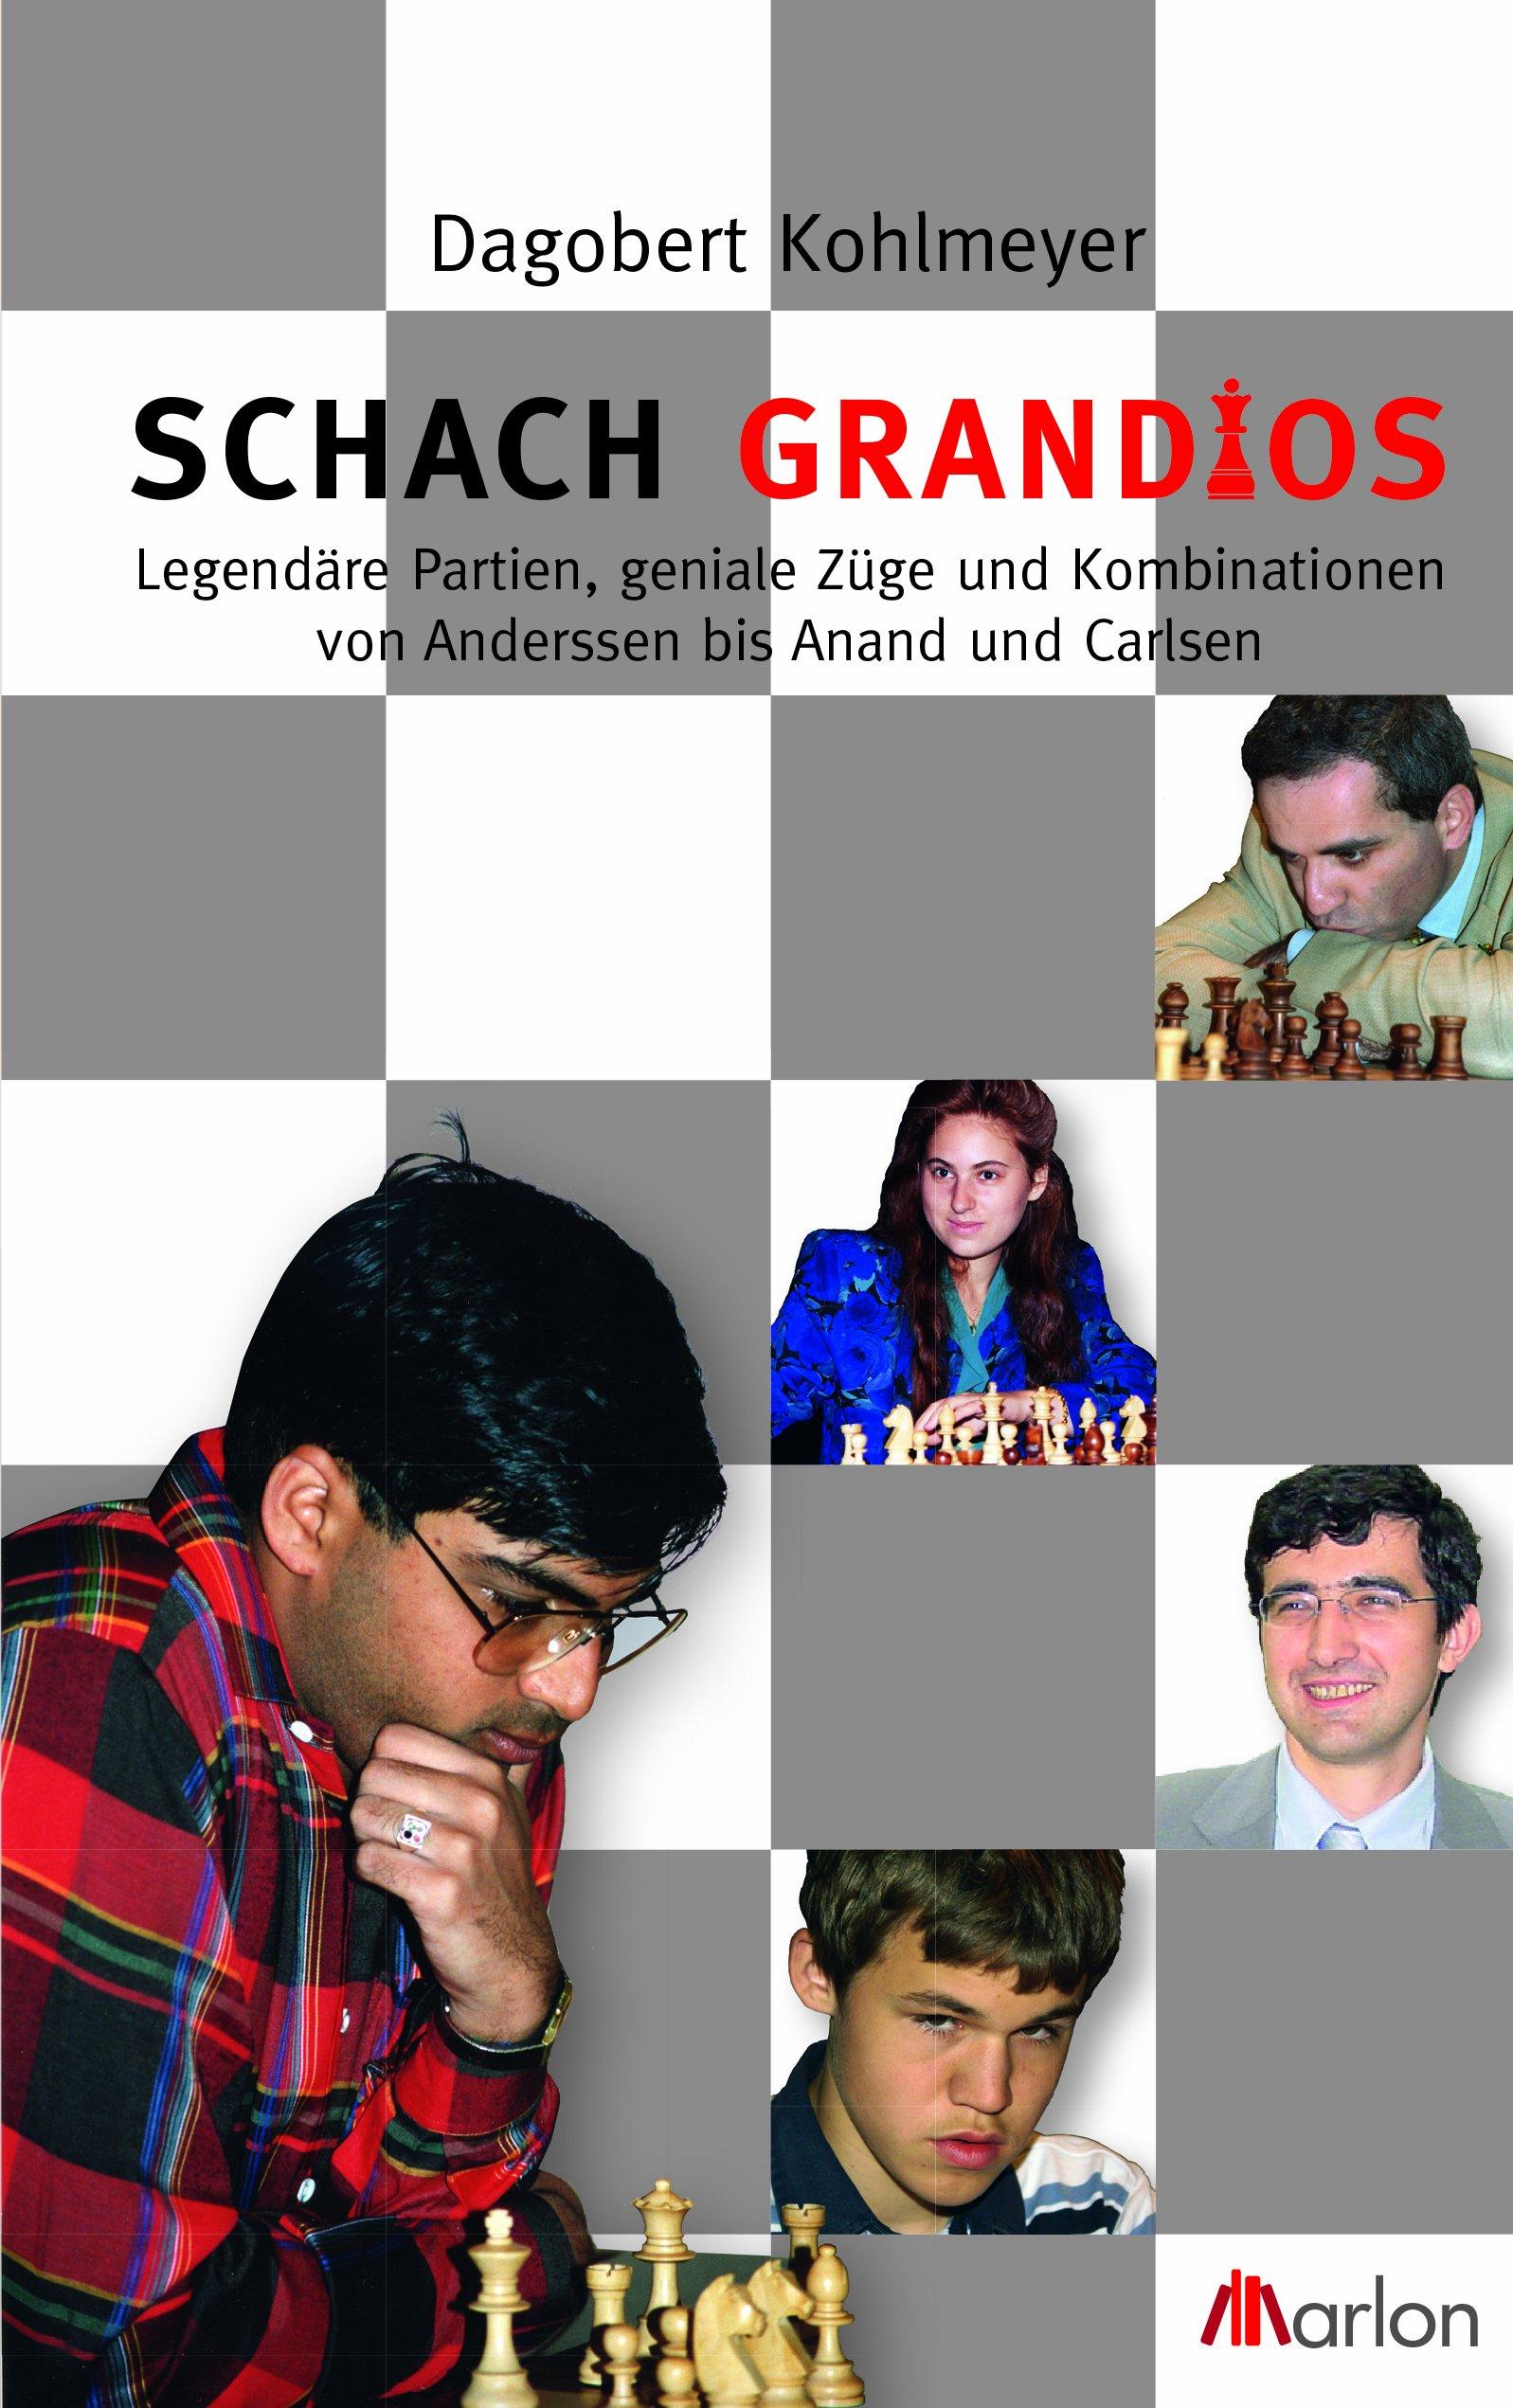 Schach grandios. Legendäre Partien, geniale Züge und Kombinationen von Anderssen bis Anand und Carlsen